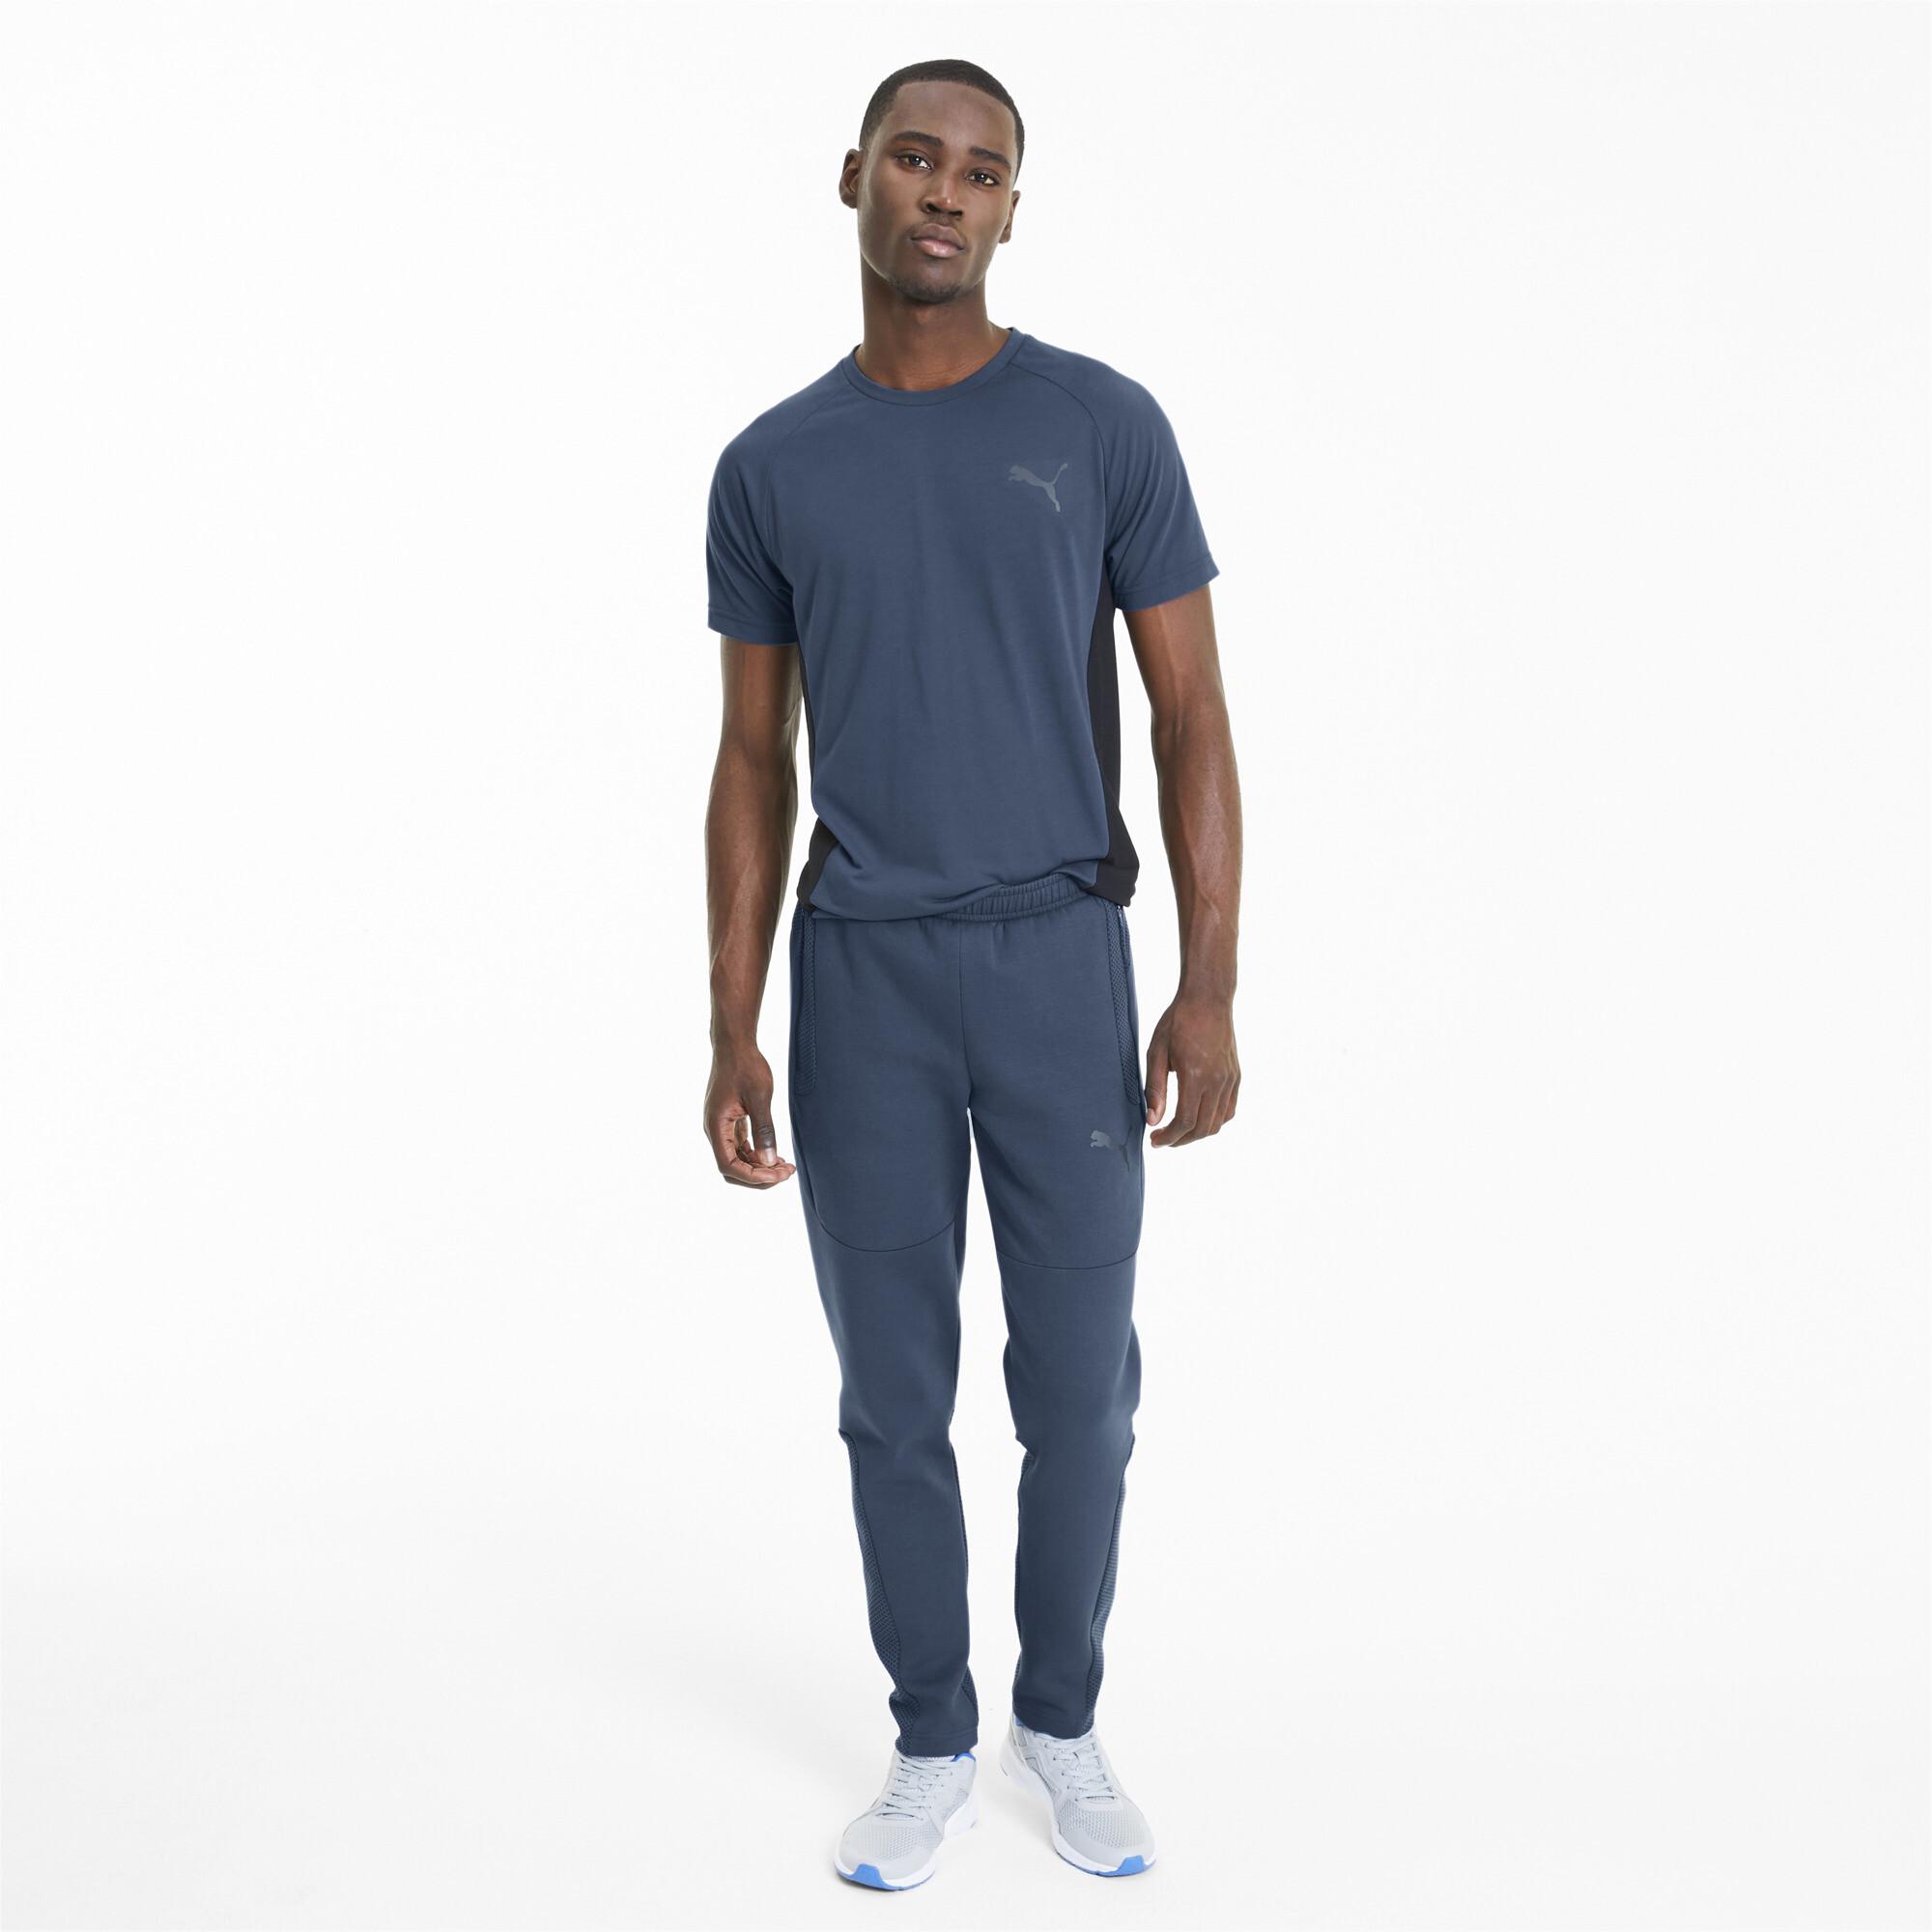 PUMA-Evostripe-Men-039-s-Sweatpants-Men-Knitted-Pants-Basics thumbnail 18